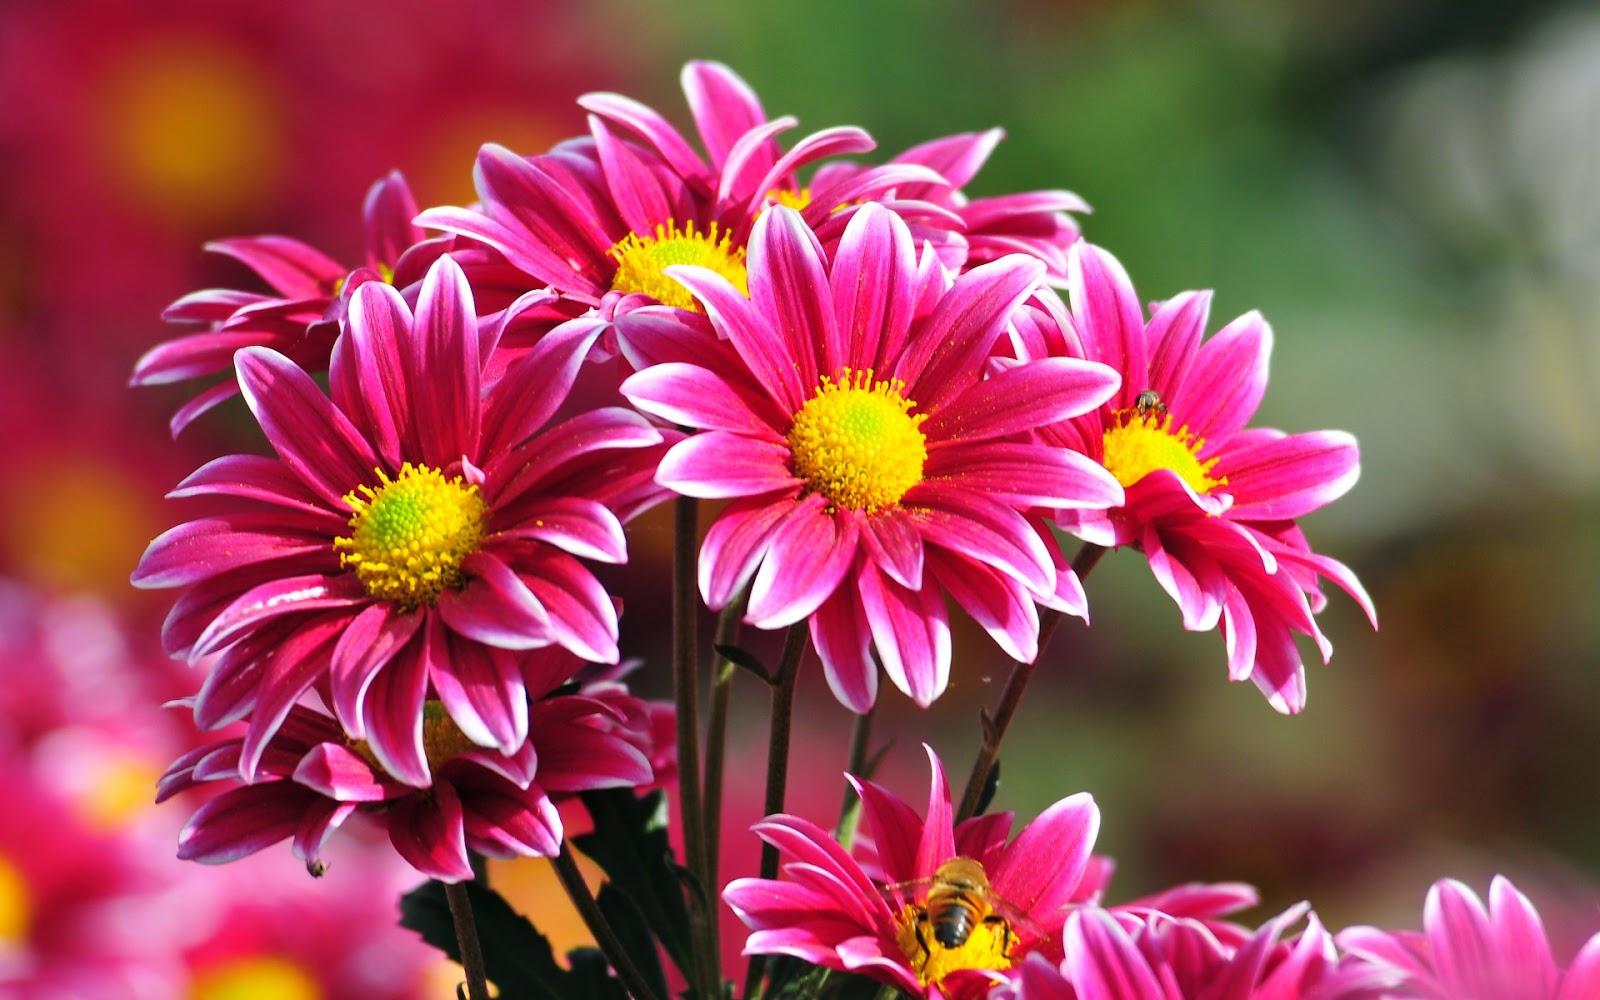 Beautiful fresh flowers izmirmasajfo